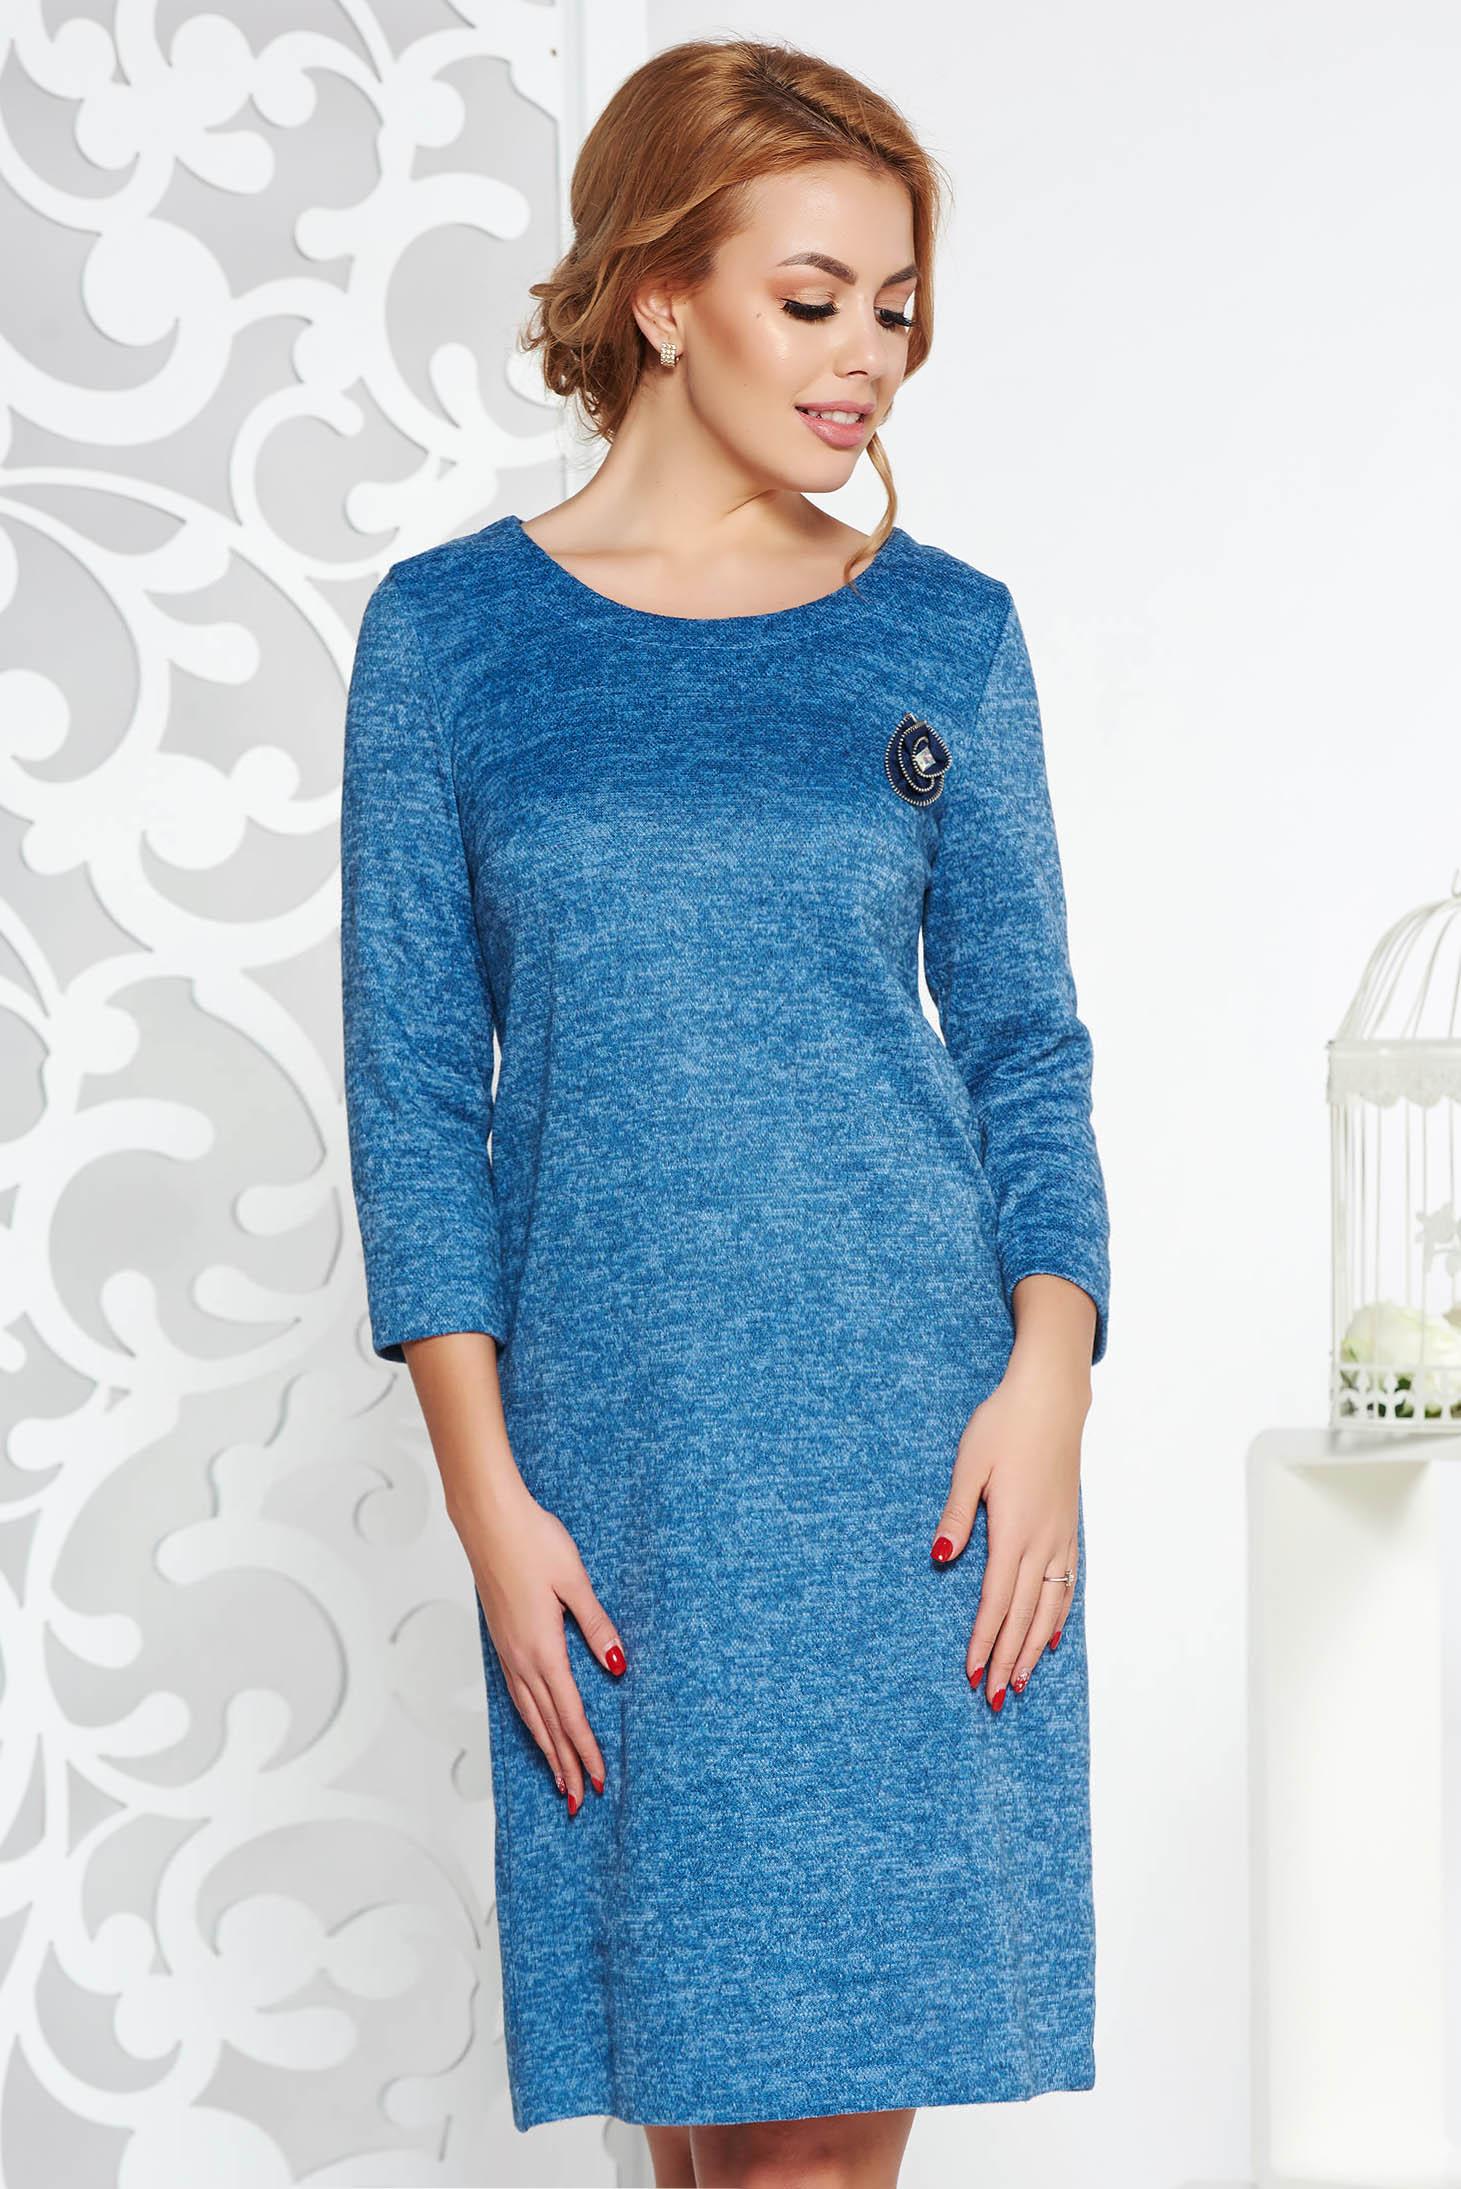 532c426d68 Kék StarShinerS bő szabású ruha kötött anyag bross kiegészítővel tartozékkal